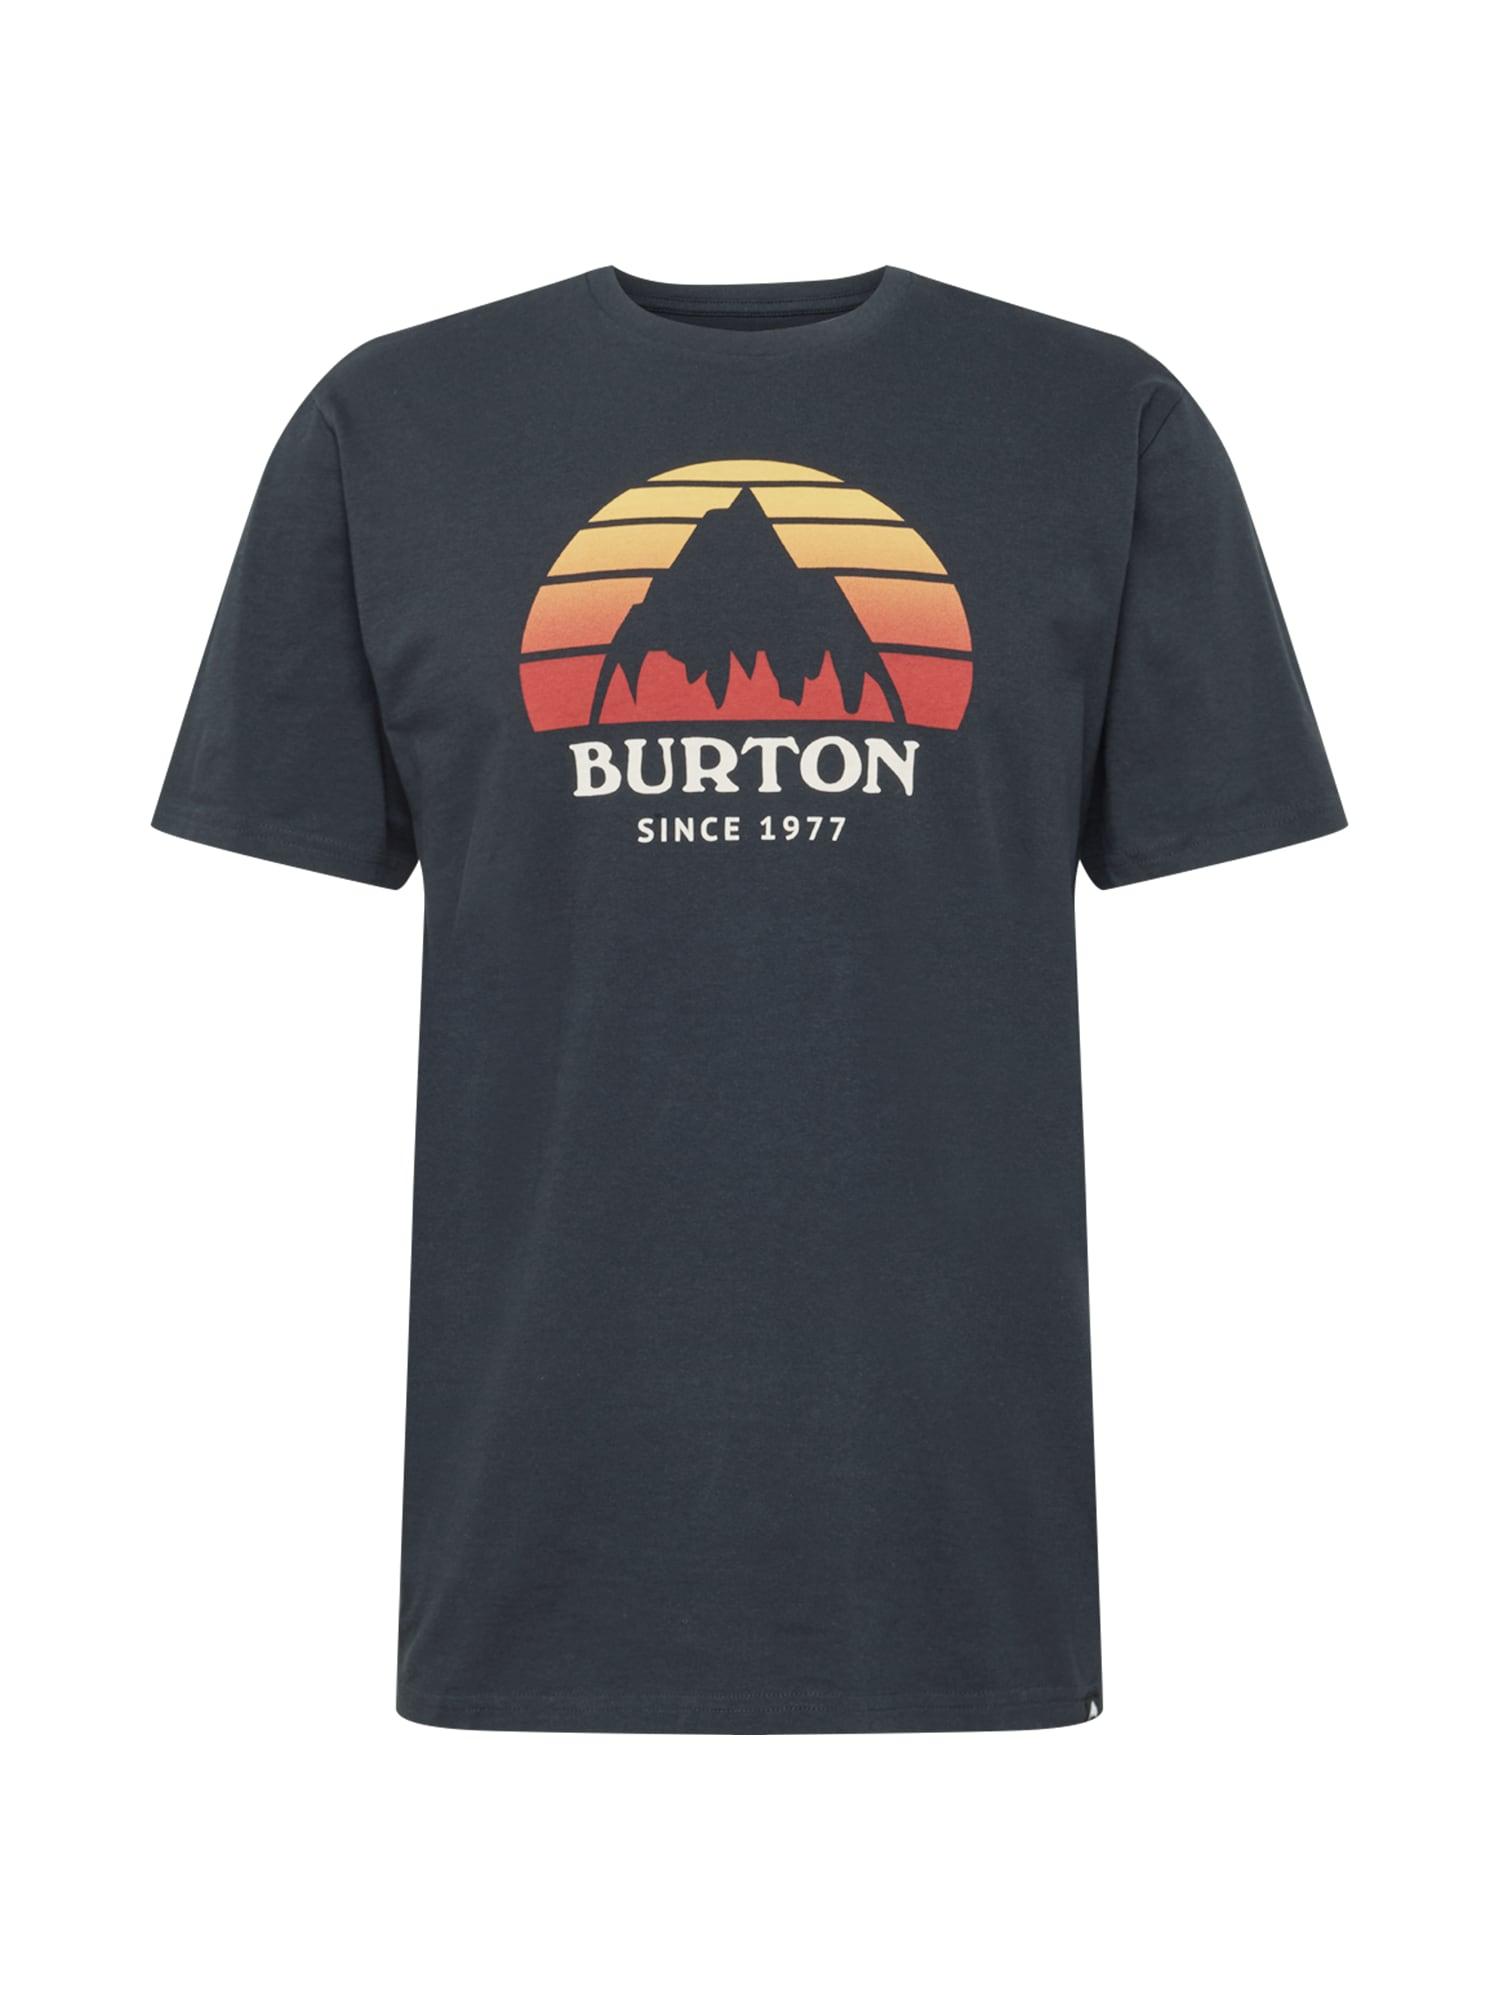 BURTON Marškinėliai juoda